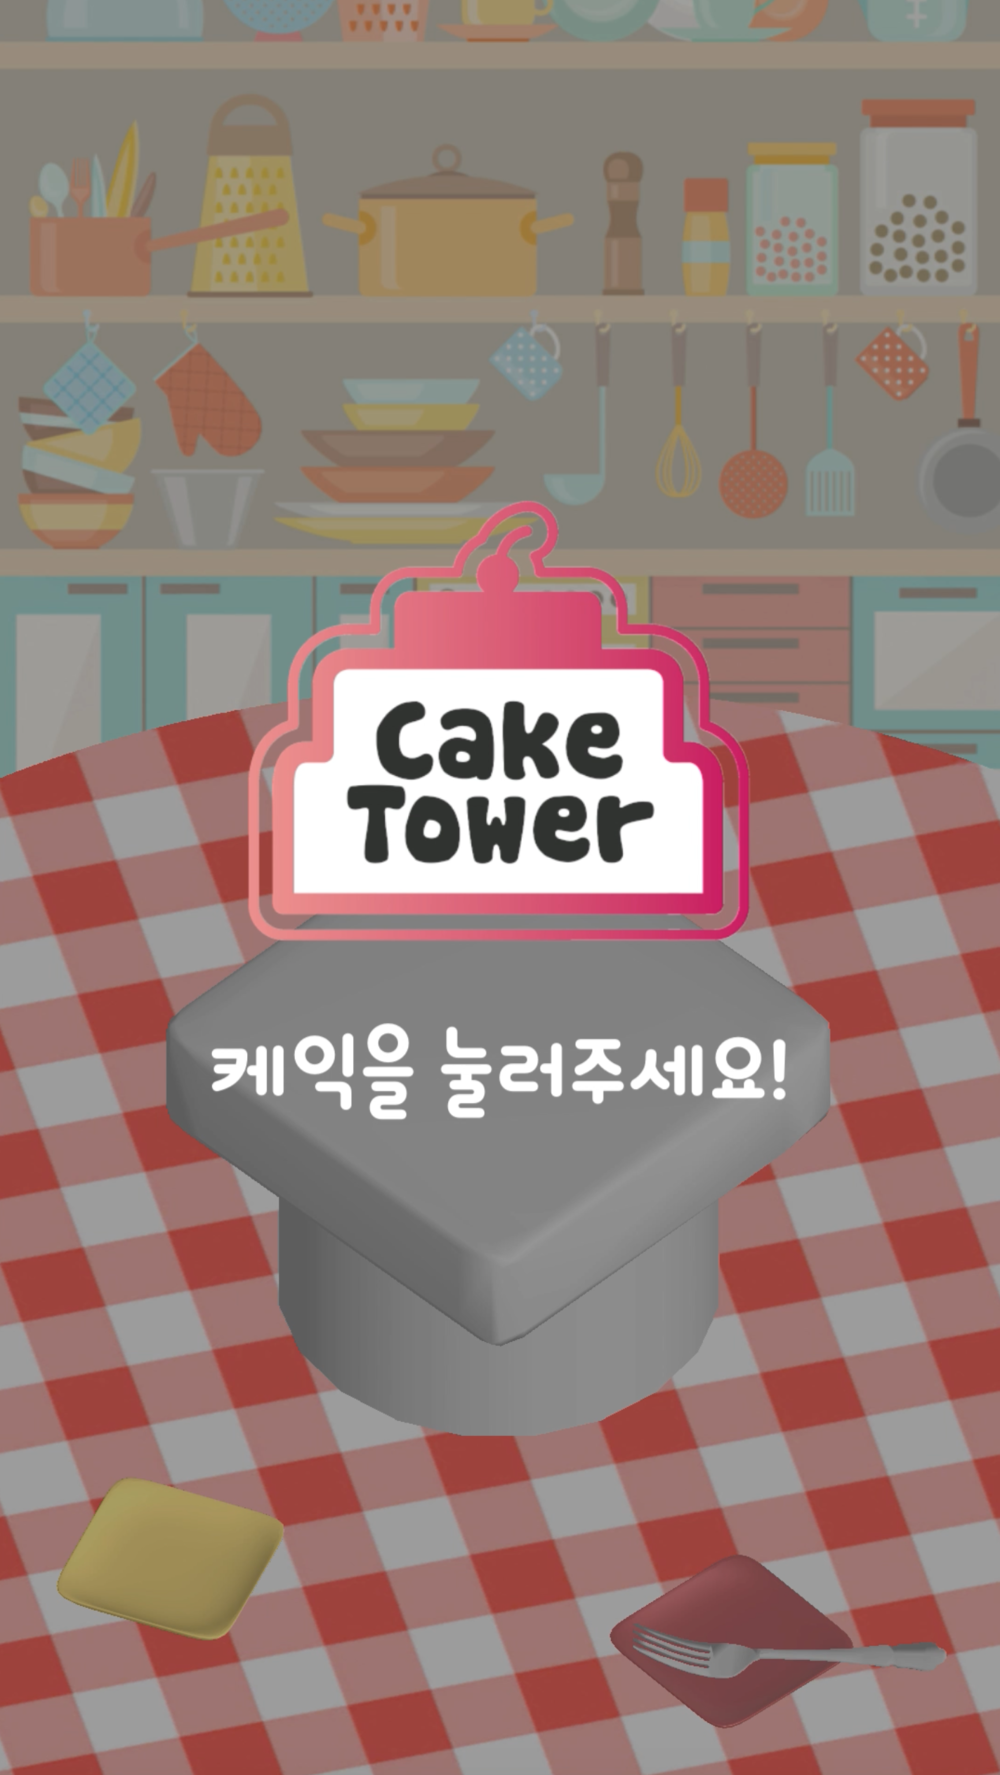 앞에 놓인 케익 버튼을 누르면 화면 속 접시에 케익이 한 단씩 쌓아집니다.케익이 옆으로 깎여 나가지 않고가운데 잘 쌓아지도록, 타이밍을 잘 맞춰 버튼을 눌러주세요!